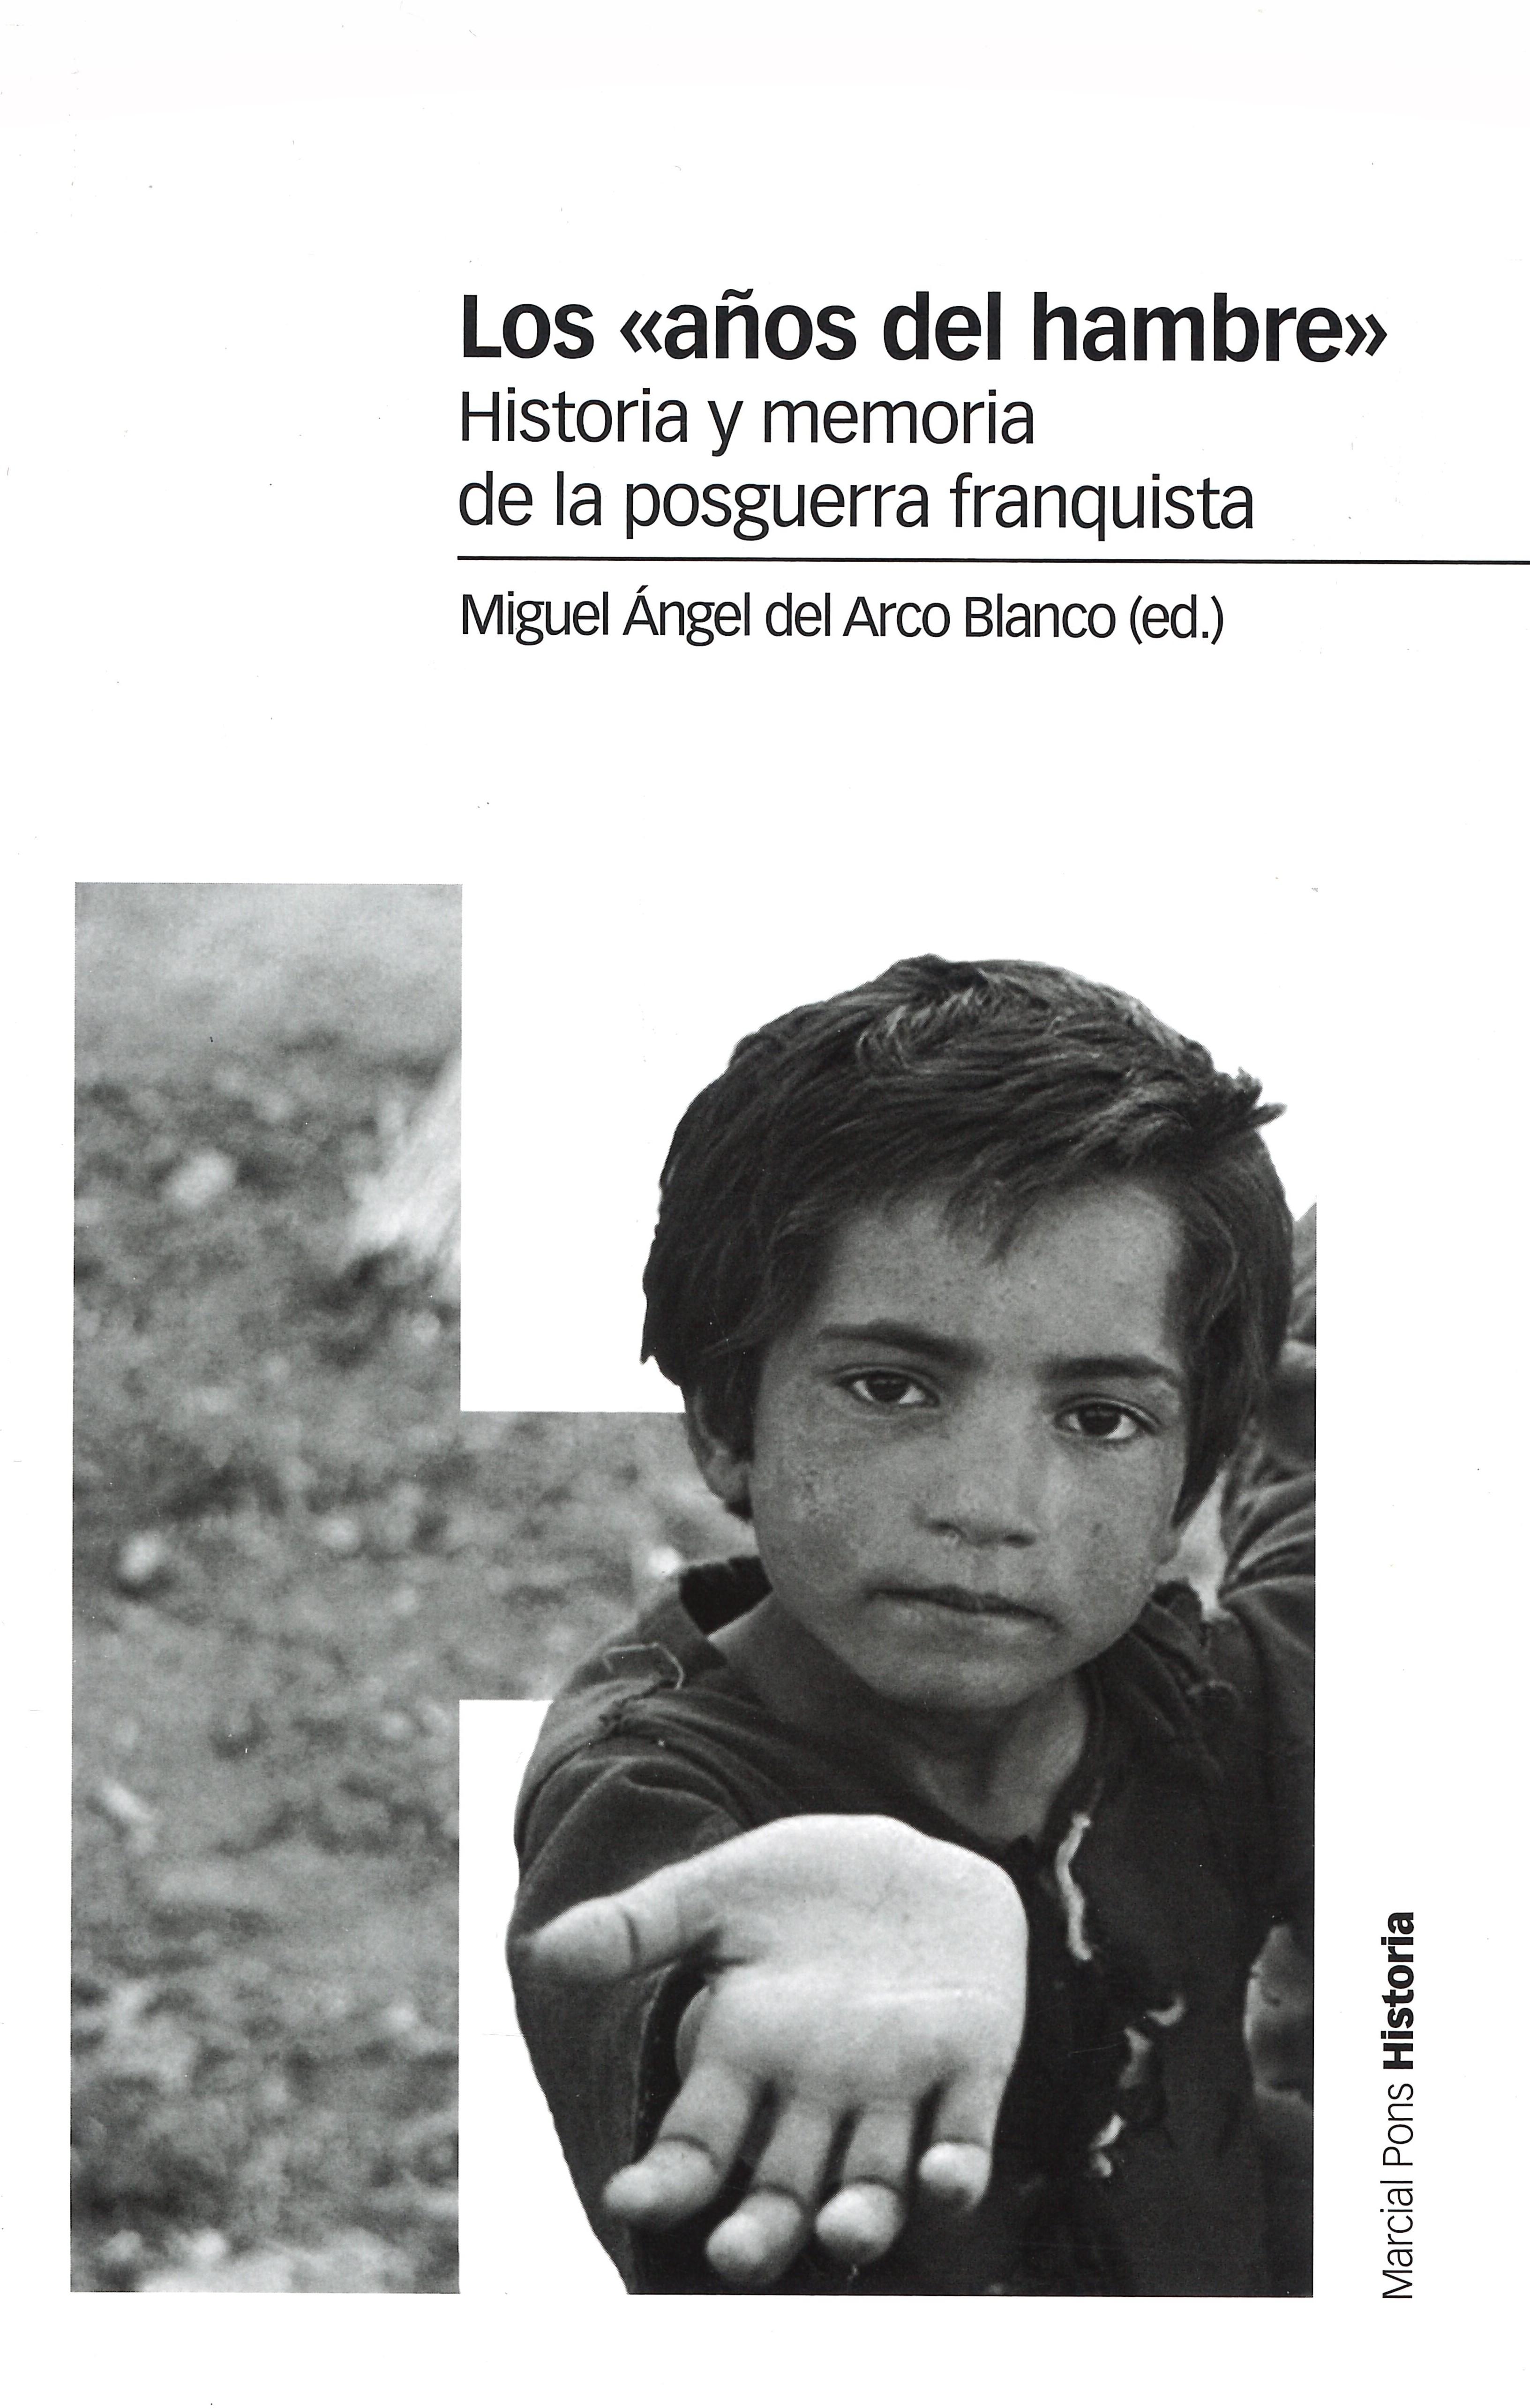 los_anos_del_hambre.jpg